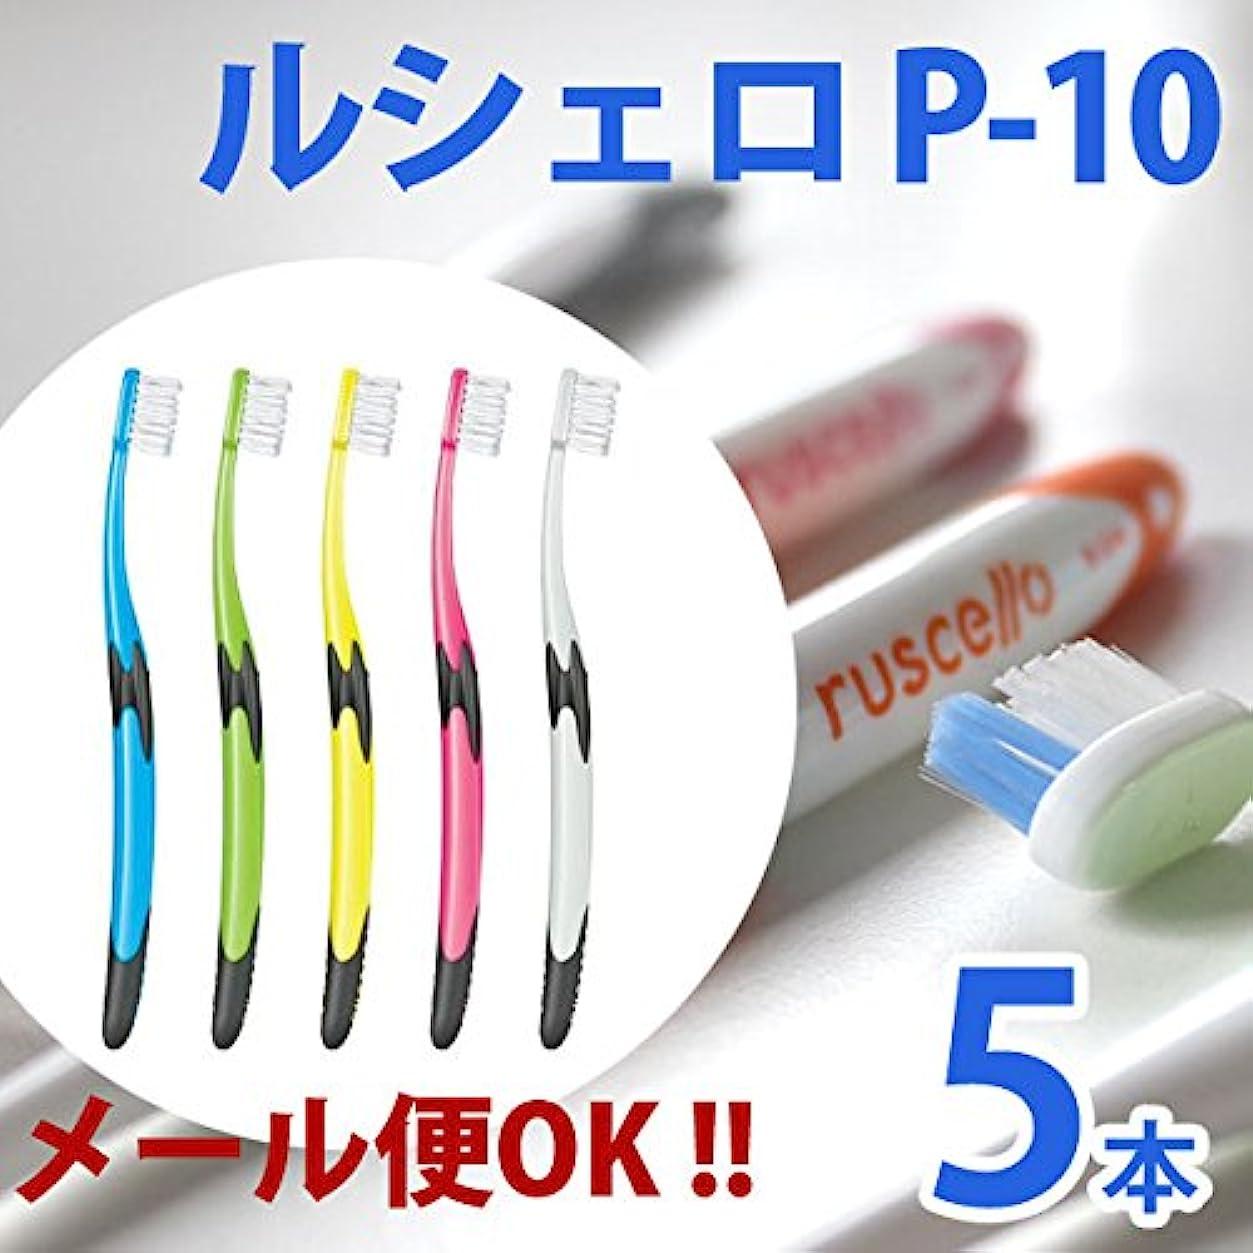 低い不安定なクリープルシェロ GCシェロ 歯ブラシP-10 5色アソート 5本セット 歯周疾患の方向け。極細のテーパー毛が Sやわらかめ